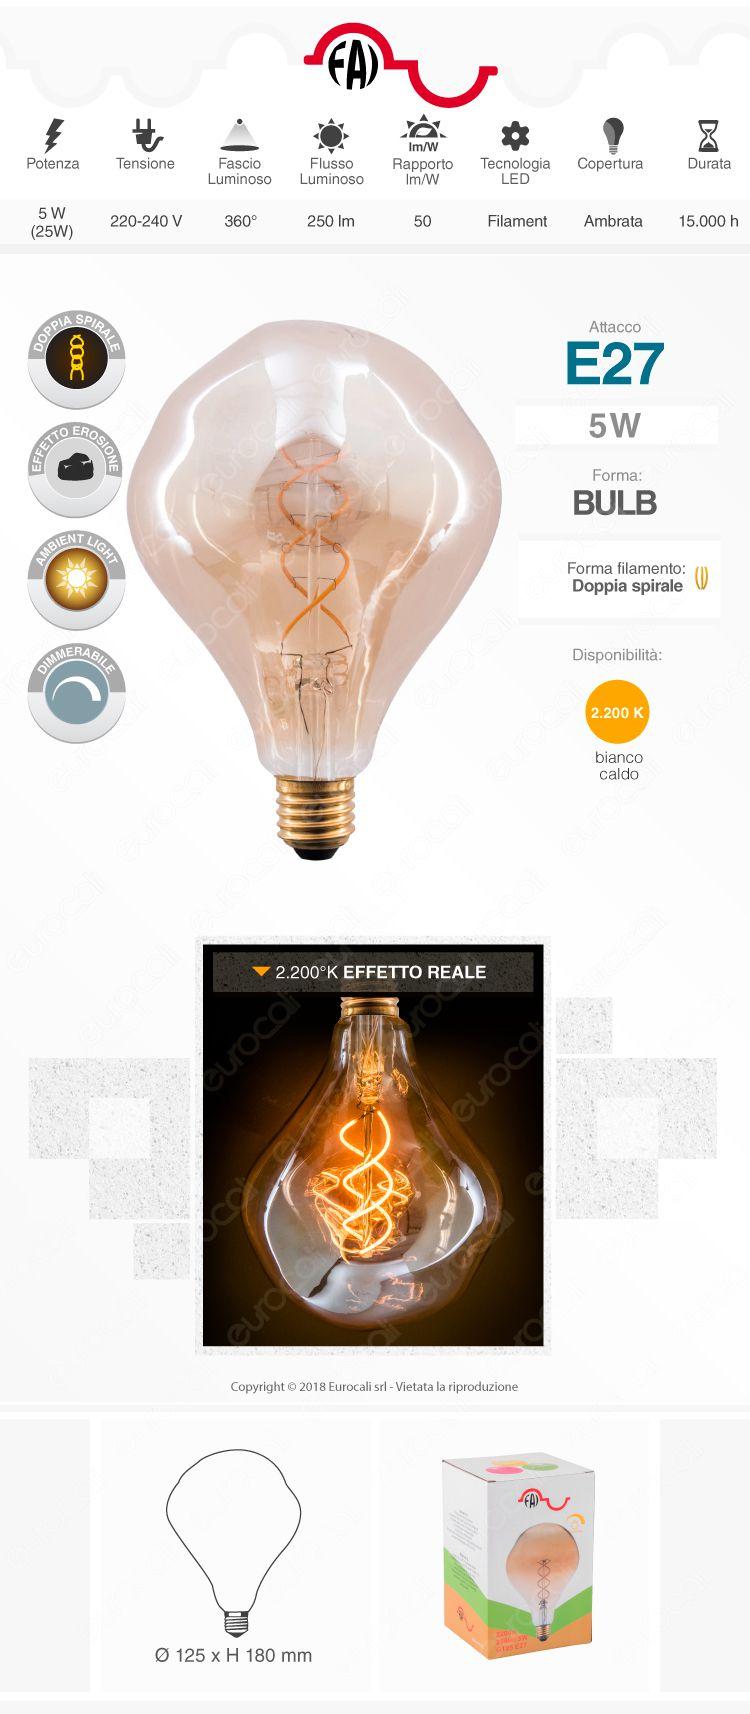 lampada led e27 FAI